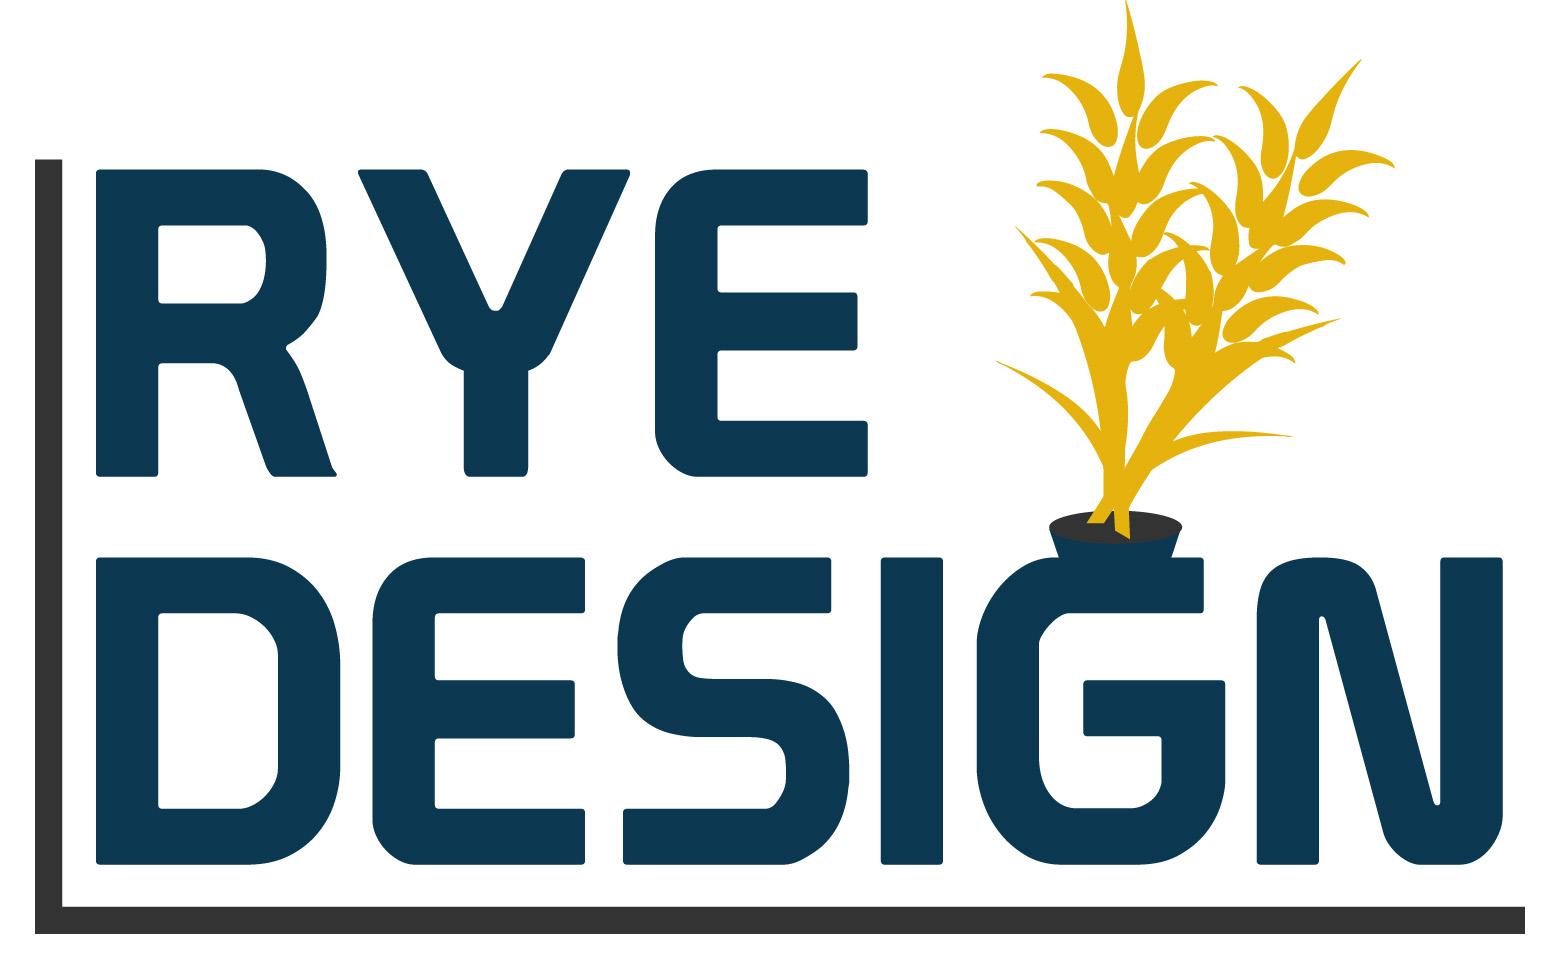 Rye logo